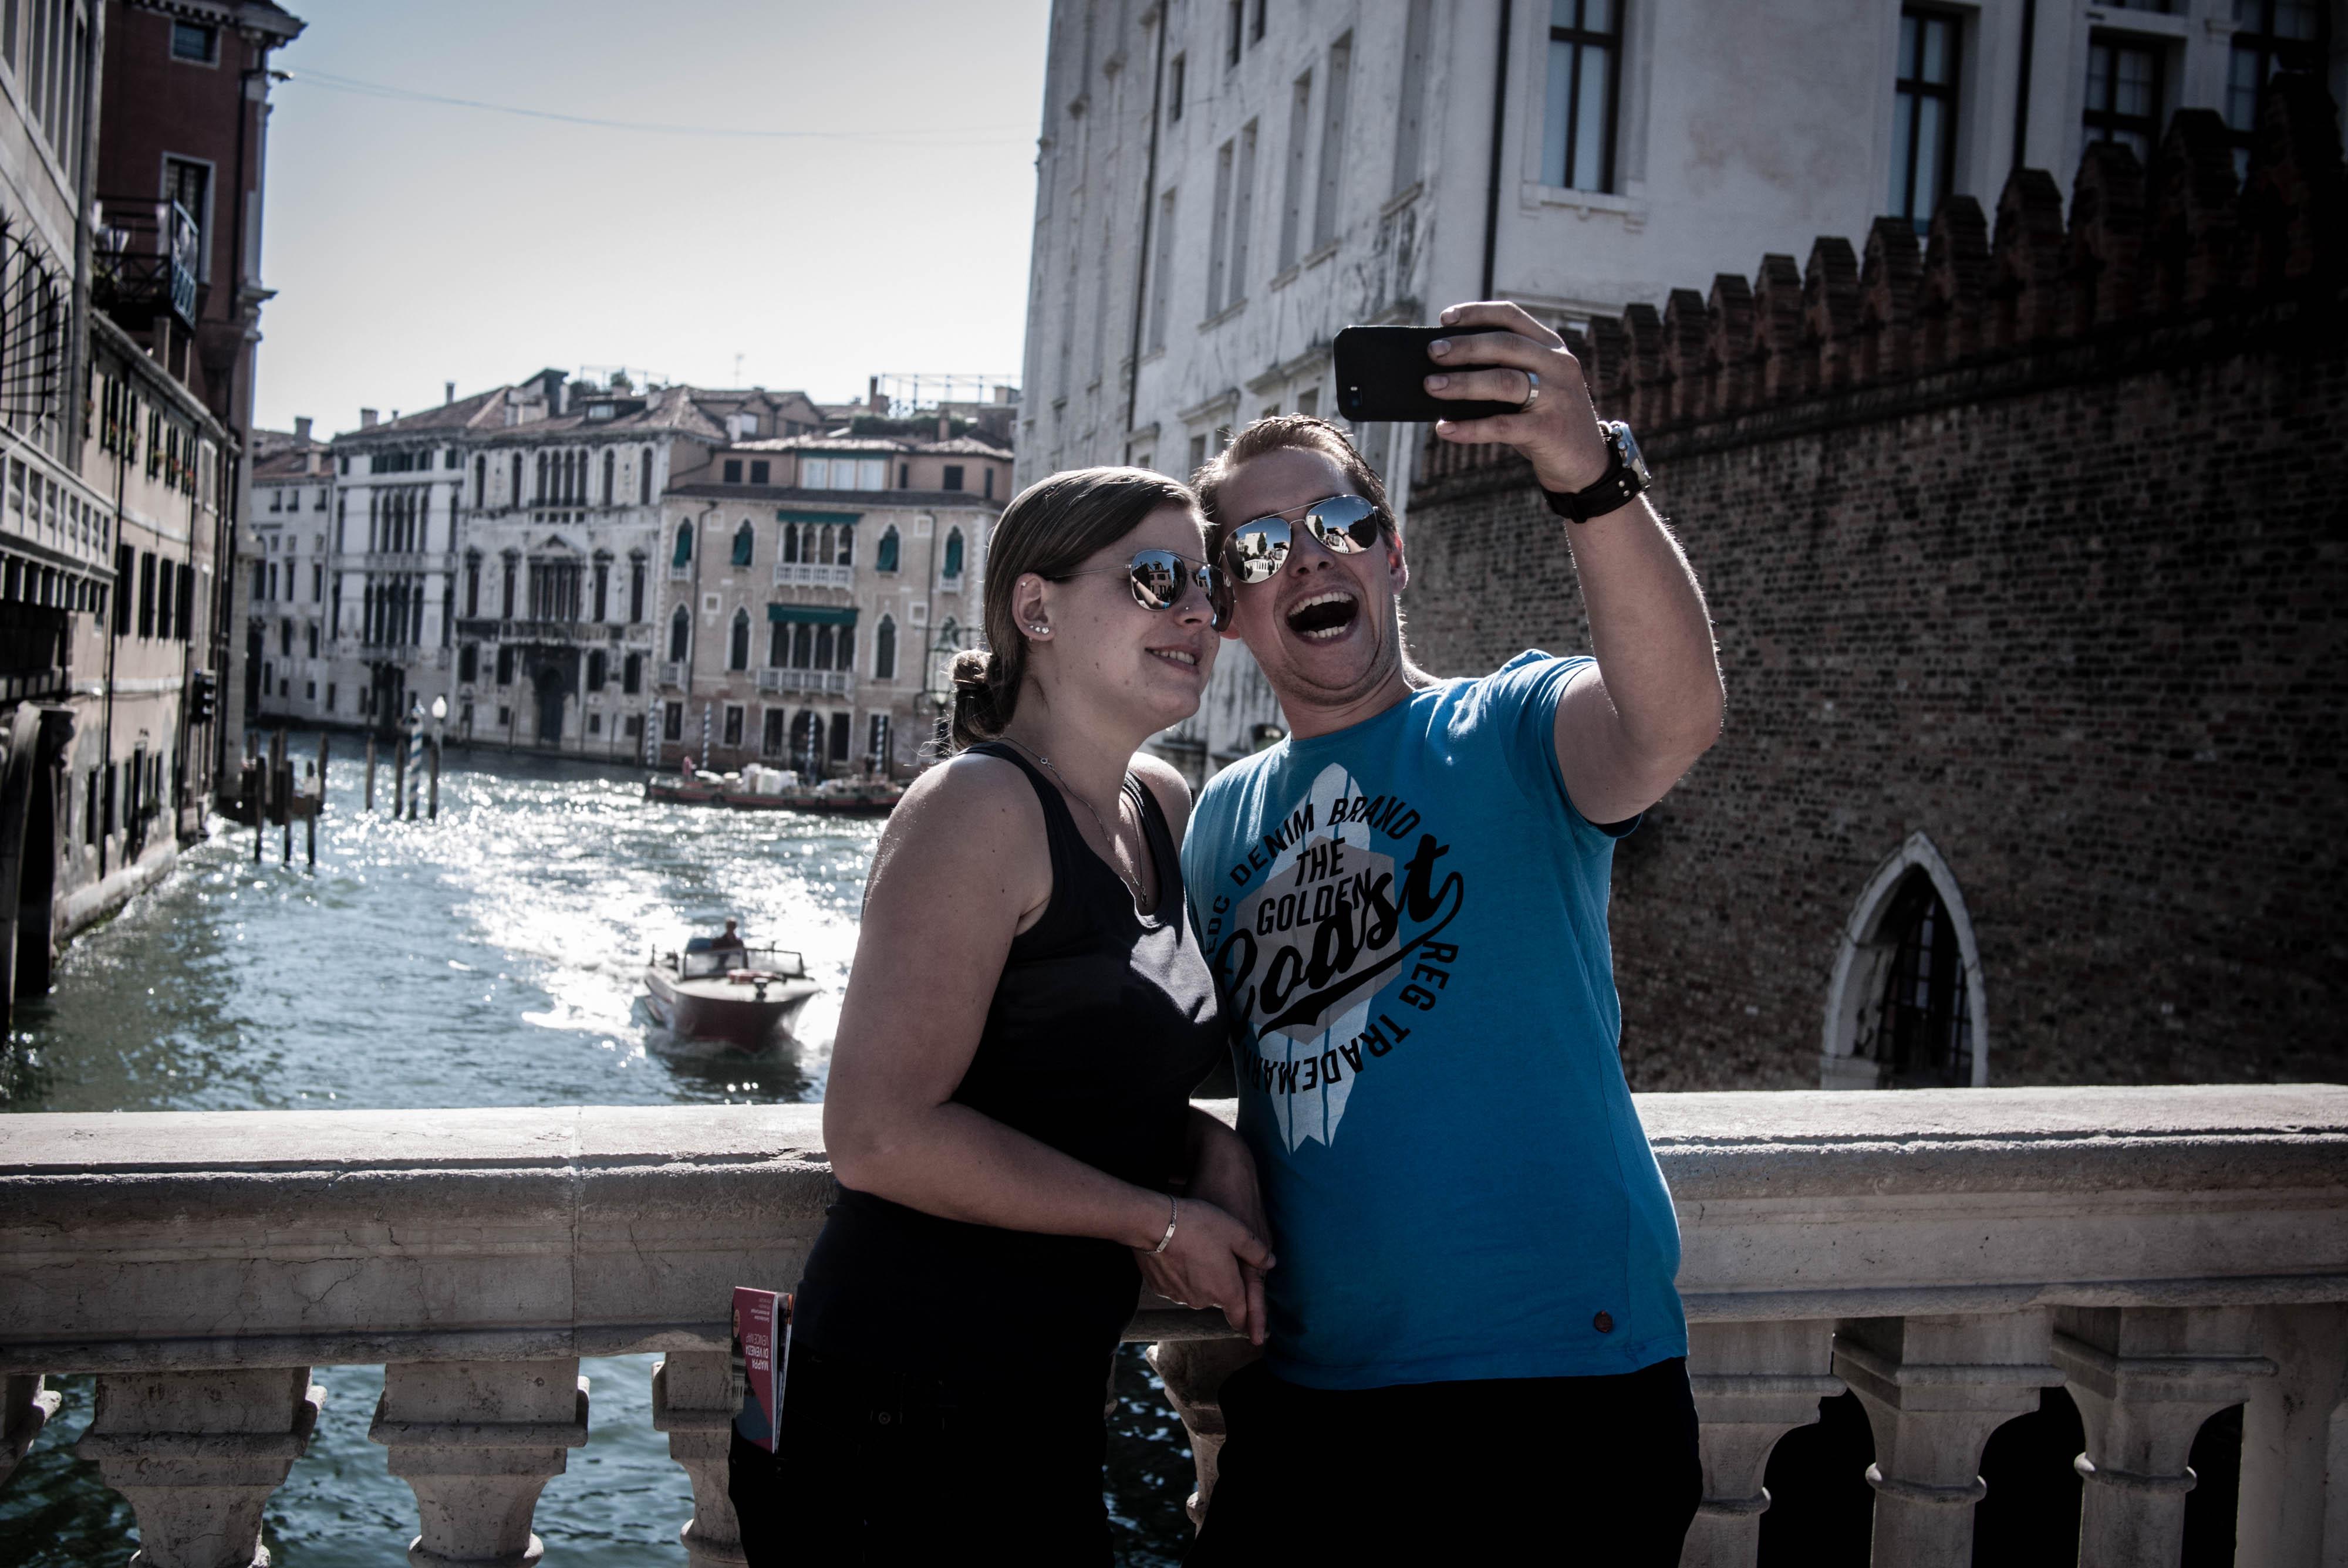 Selfies #1